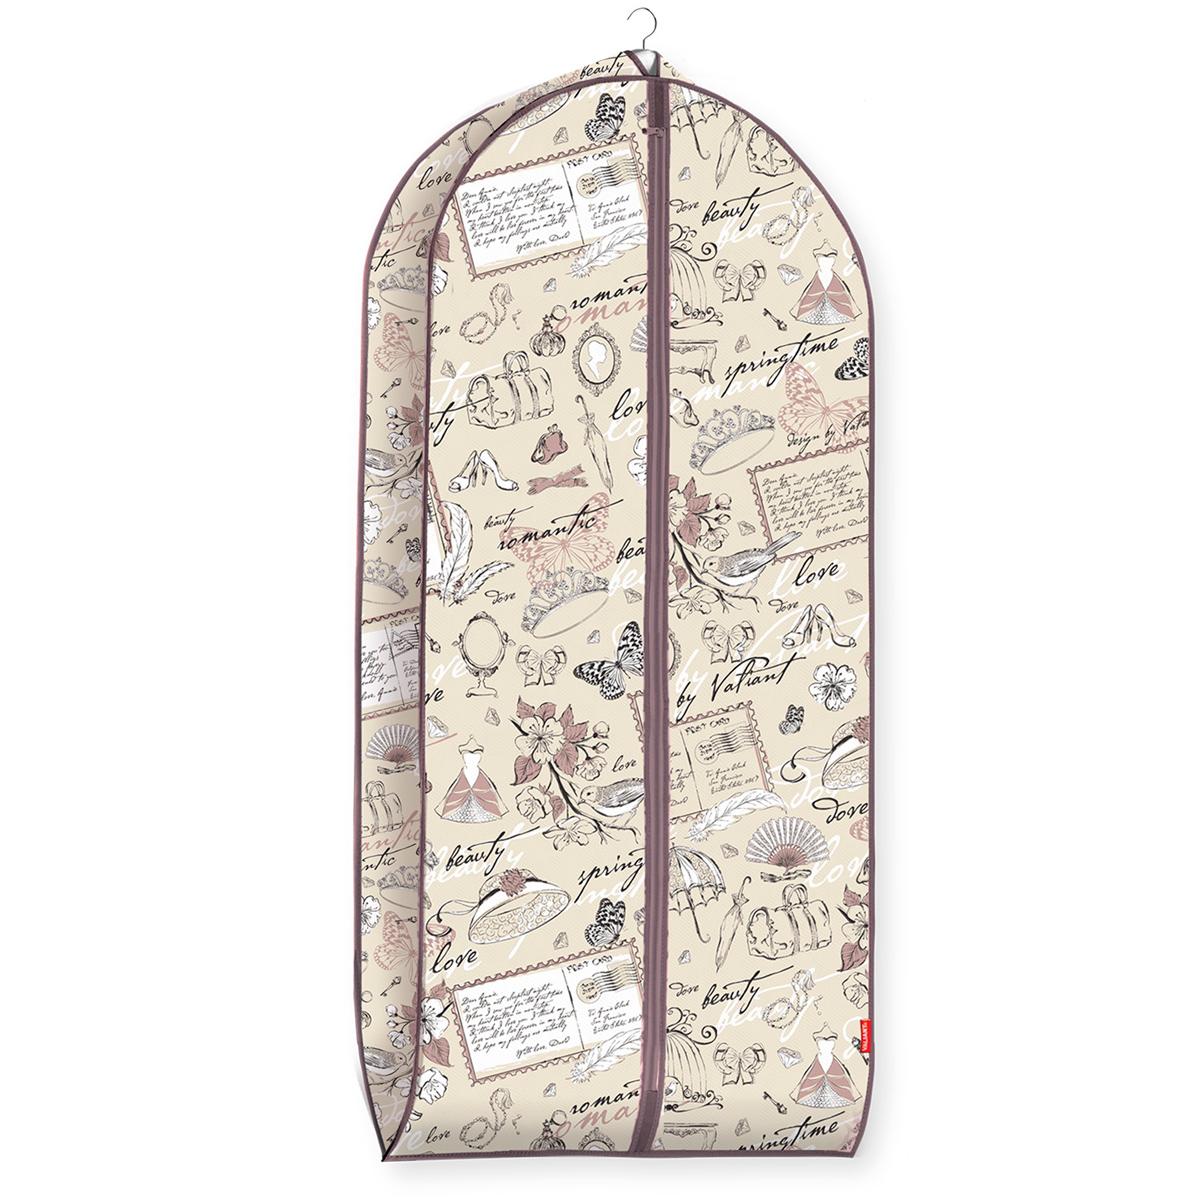 Чехол для одежды Valiant Romantic, объемный, 60 см х 137 см х 10 смUP210DFЧехол для одежды Valiant Romantic изготовлен из высококачественного нетканого материала (спанбонда), который обеспечивает естественную вентиляцию, позволяя воздуху проникать внутрь, но не пропускает пыль. Чехол очень удобен в использовании. Наличие боковой вставки увеличивает объем чехла, что позволяет хранить крупные объемные вещи. Чехол легко открывается и закрывается застежкой-молнией. Идеально подойдет для хранения одежды и удобной перевозки. Система хранения Romantic создаст трогательную атмосферу романтического настроения в женском гардеробе. Оригинальный дизайн придется по вкусу ценительницам эстетичного хранения. Системы хранения в едином дизайне сделают вашу гардеробную изысканной и невероятно стильной.